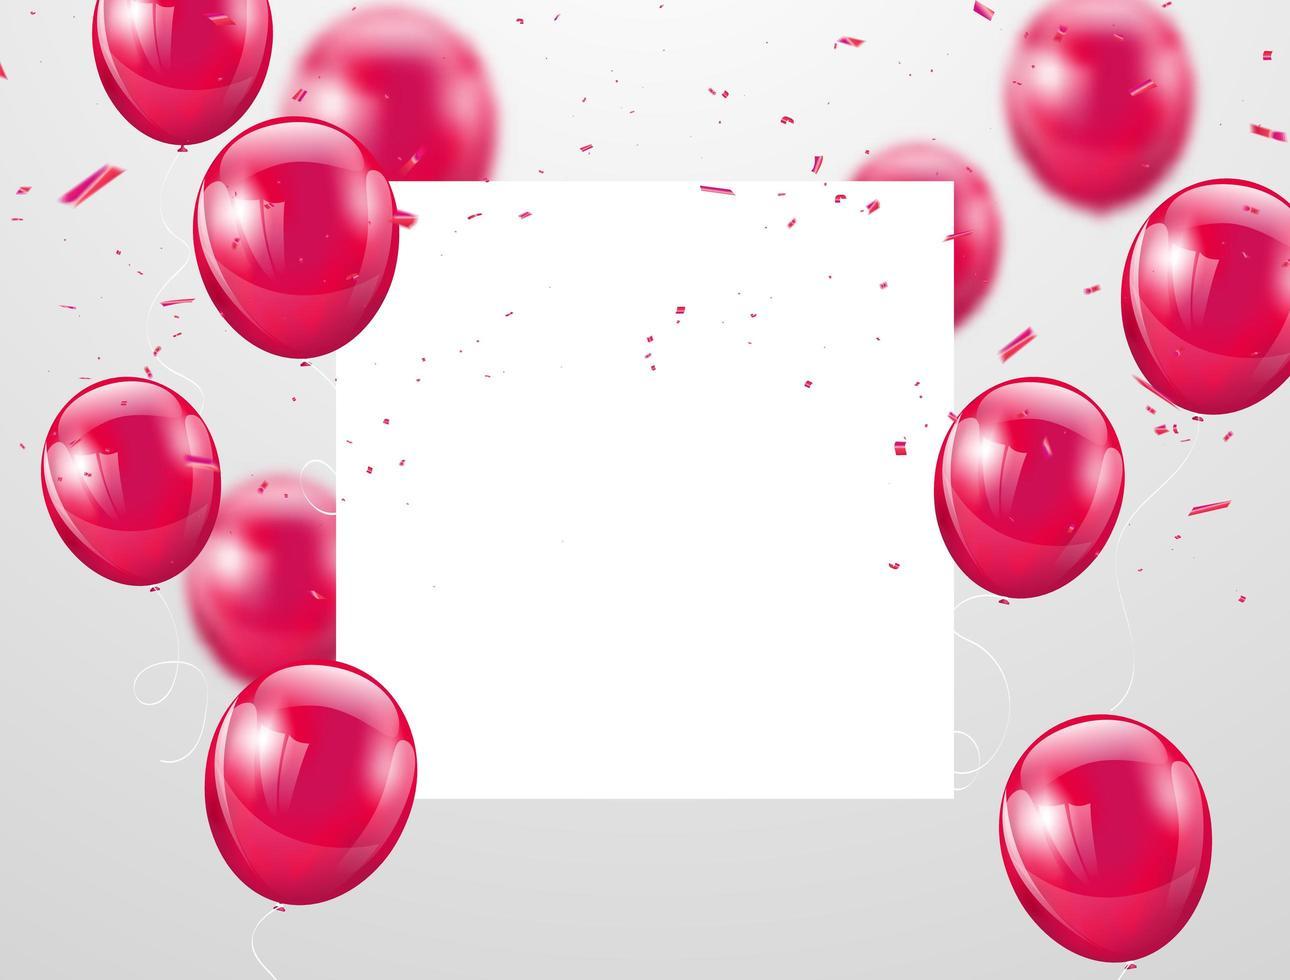 rosa ballonger och vit kvadrat utrymme för text, firande bakgrund vektor